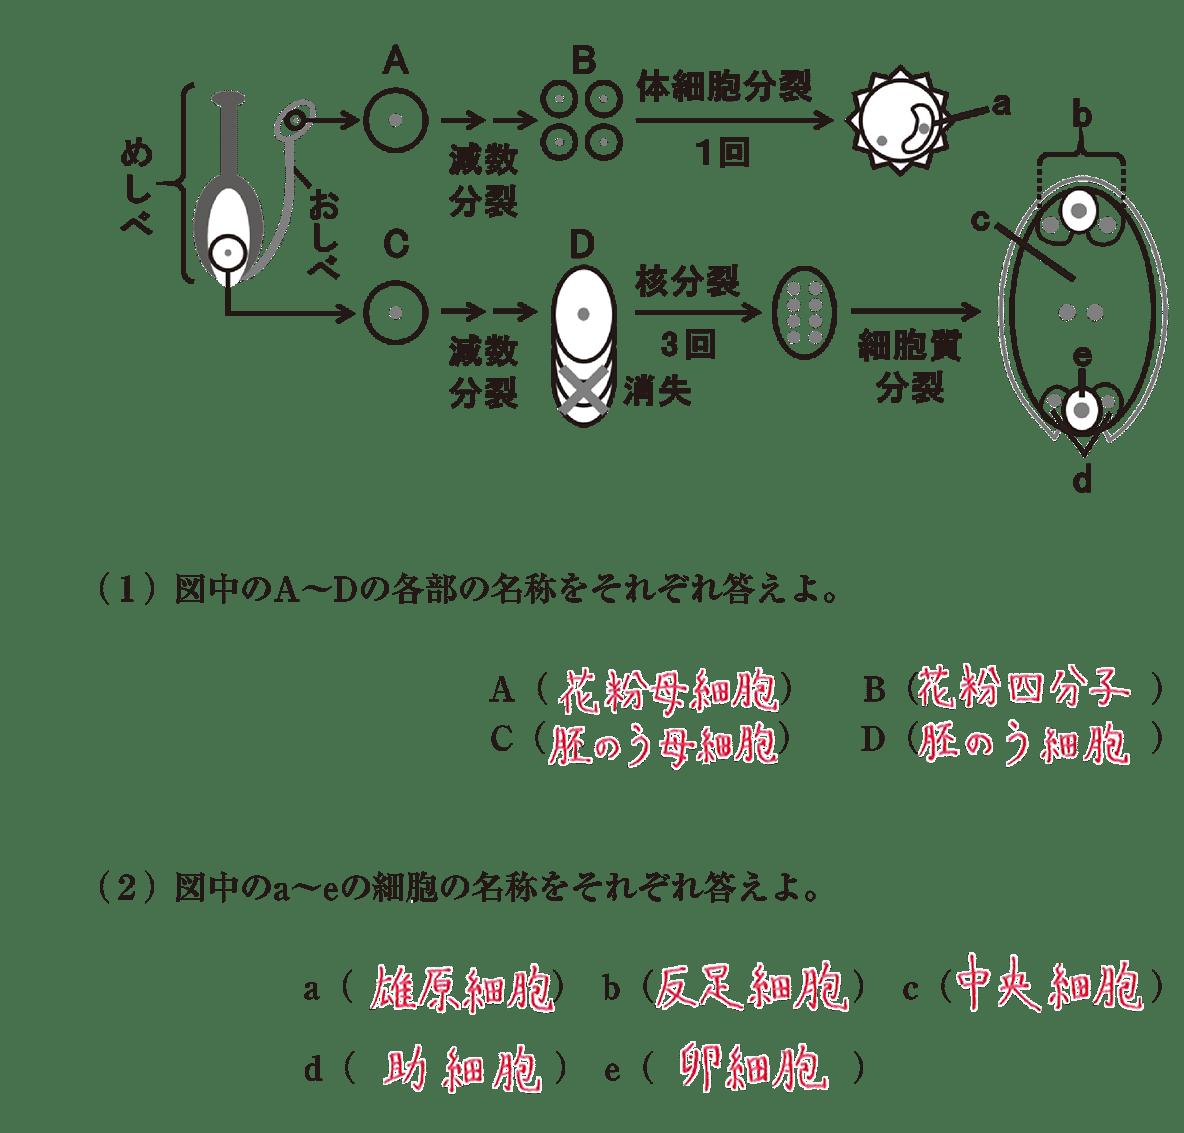 高校 生物 植物の発生6 演習1 すべてうめる